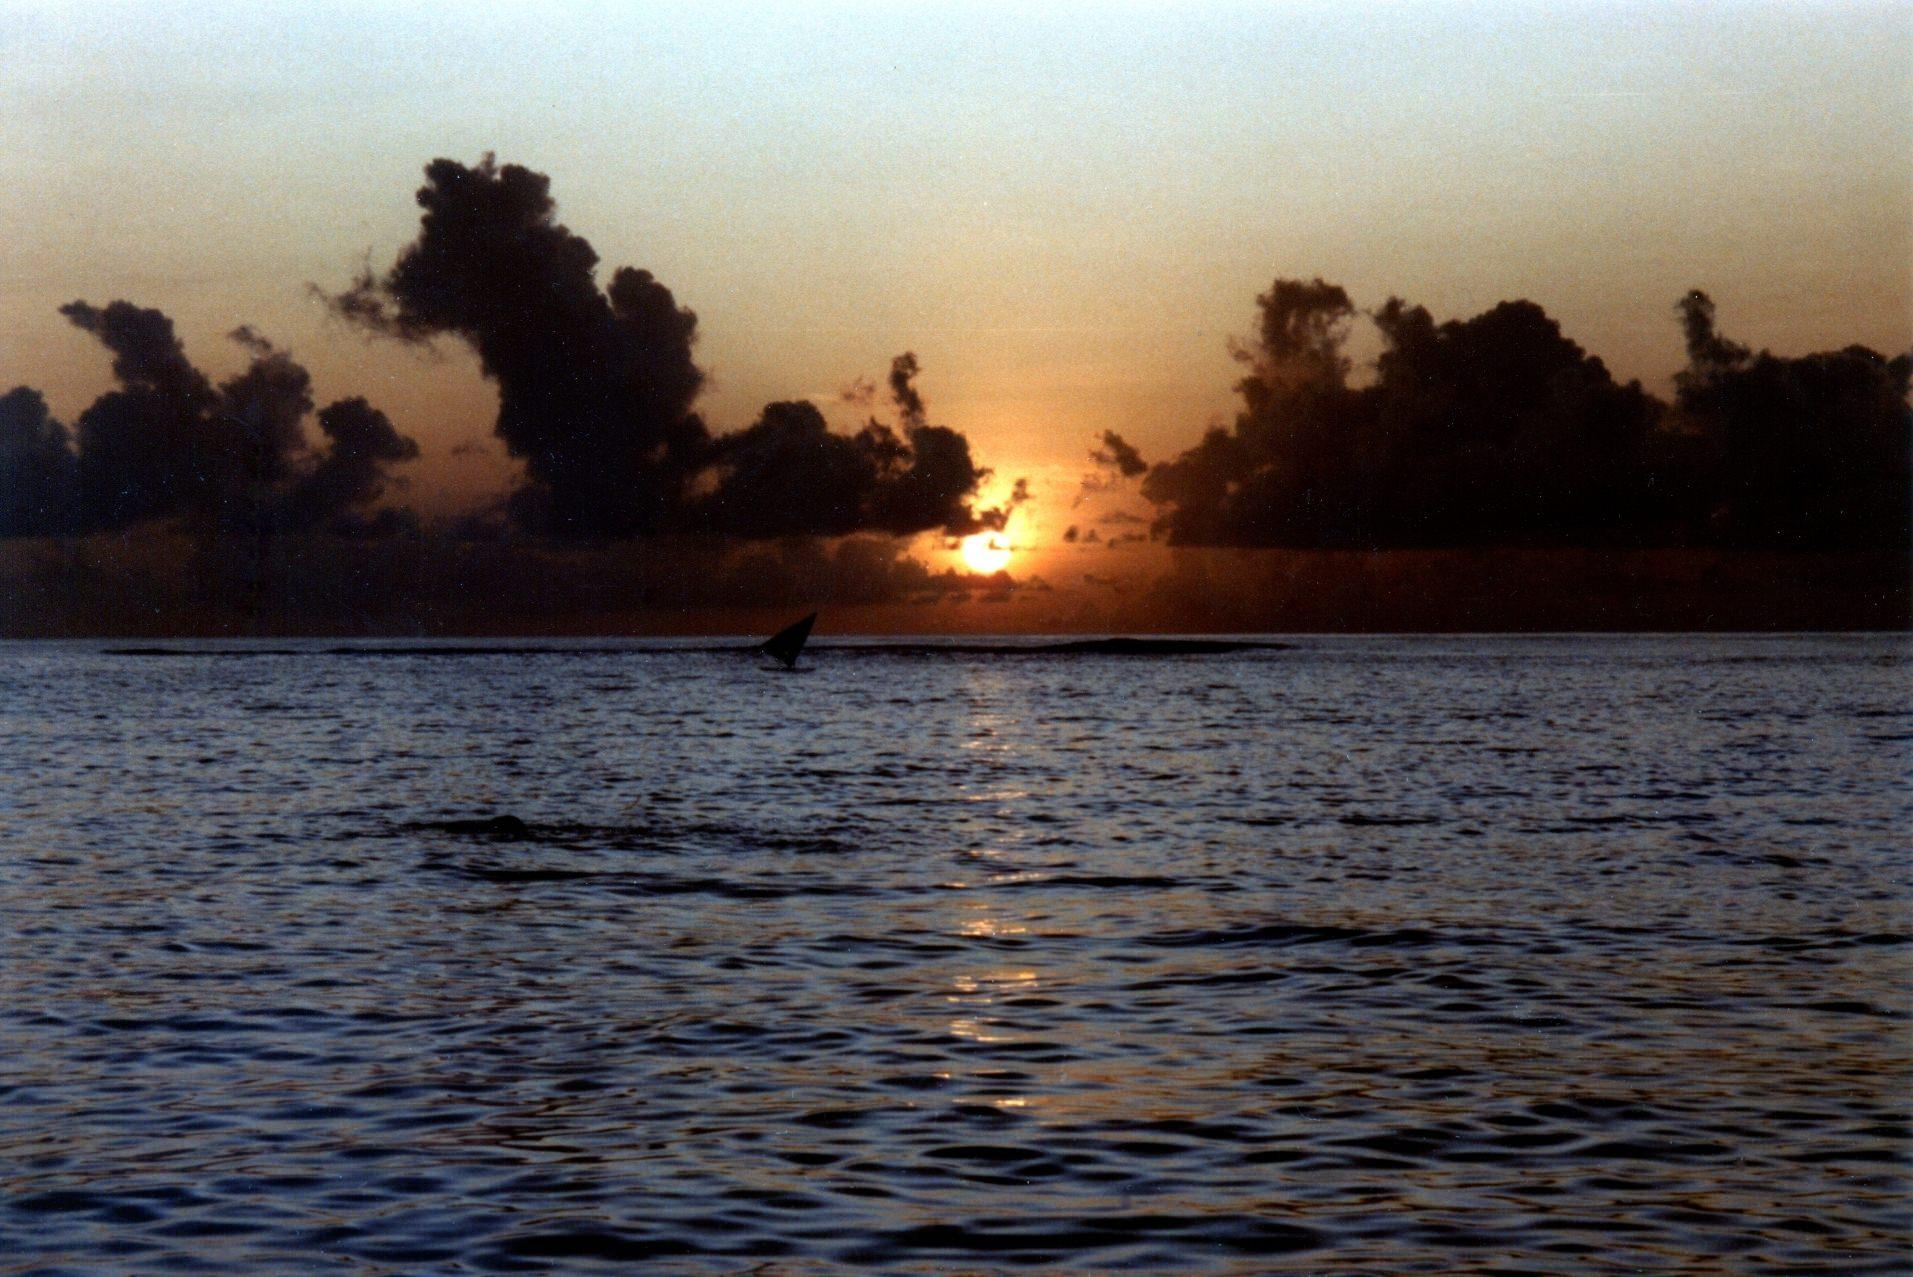 Weiteres Foto eines Sonnenuntergang auf dem offenen Meer von St. Lucia